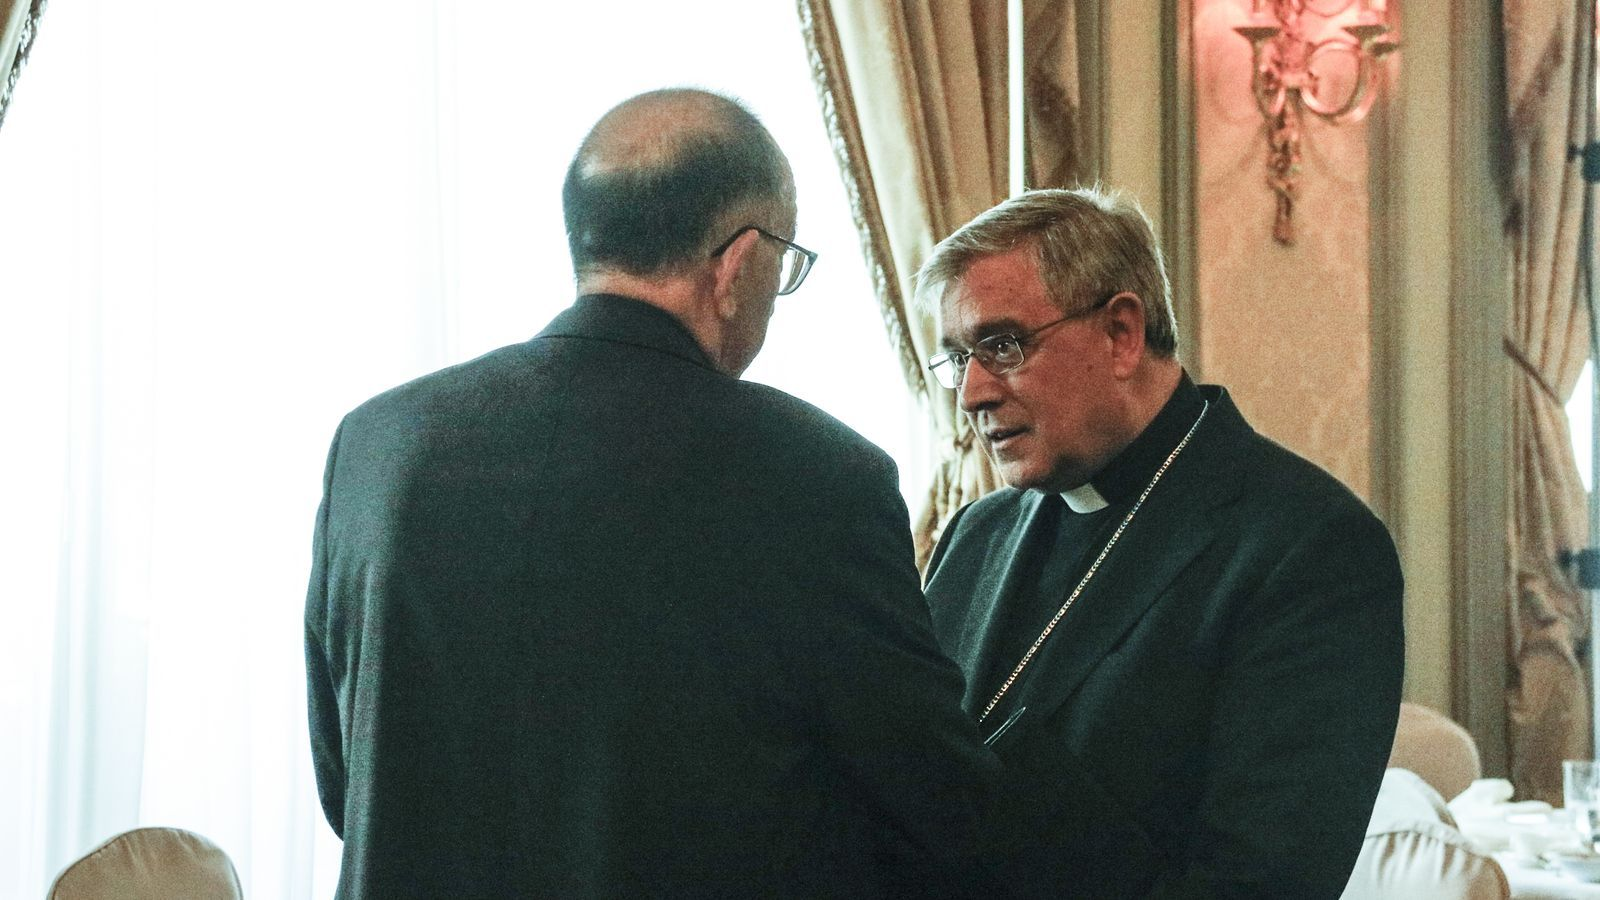 L'abat de Montserrat, Josep Maria Soler, conversant amb l'rquebisbe de Barcelona, Joan Josep Omella, en una imatge d'arxiu / ACN